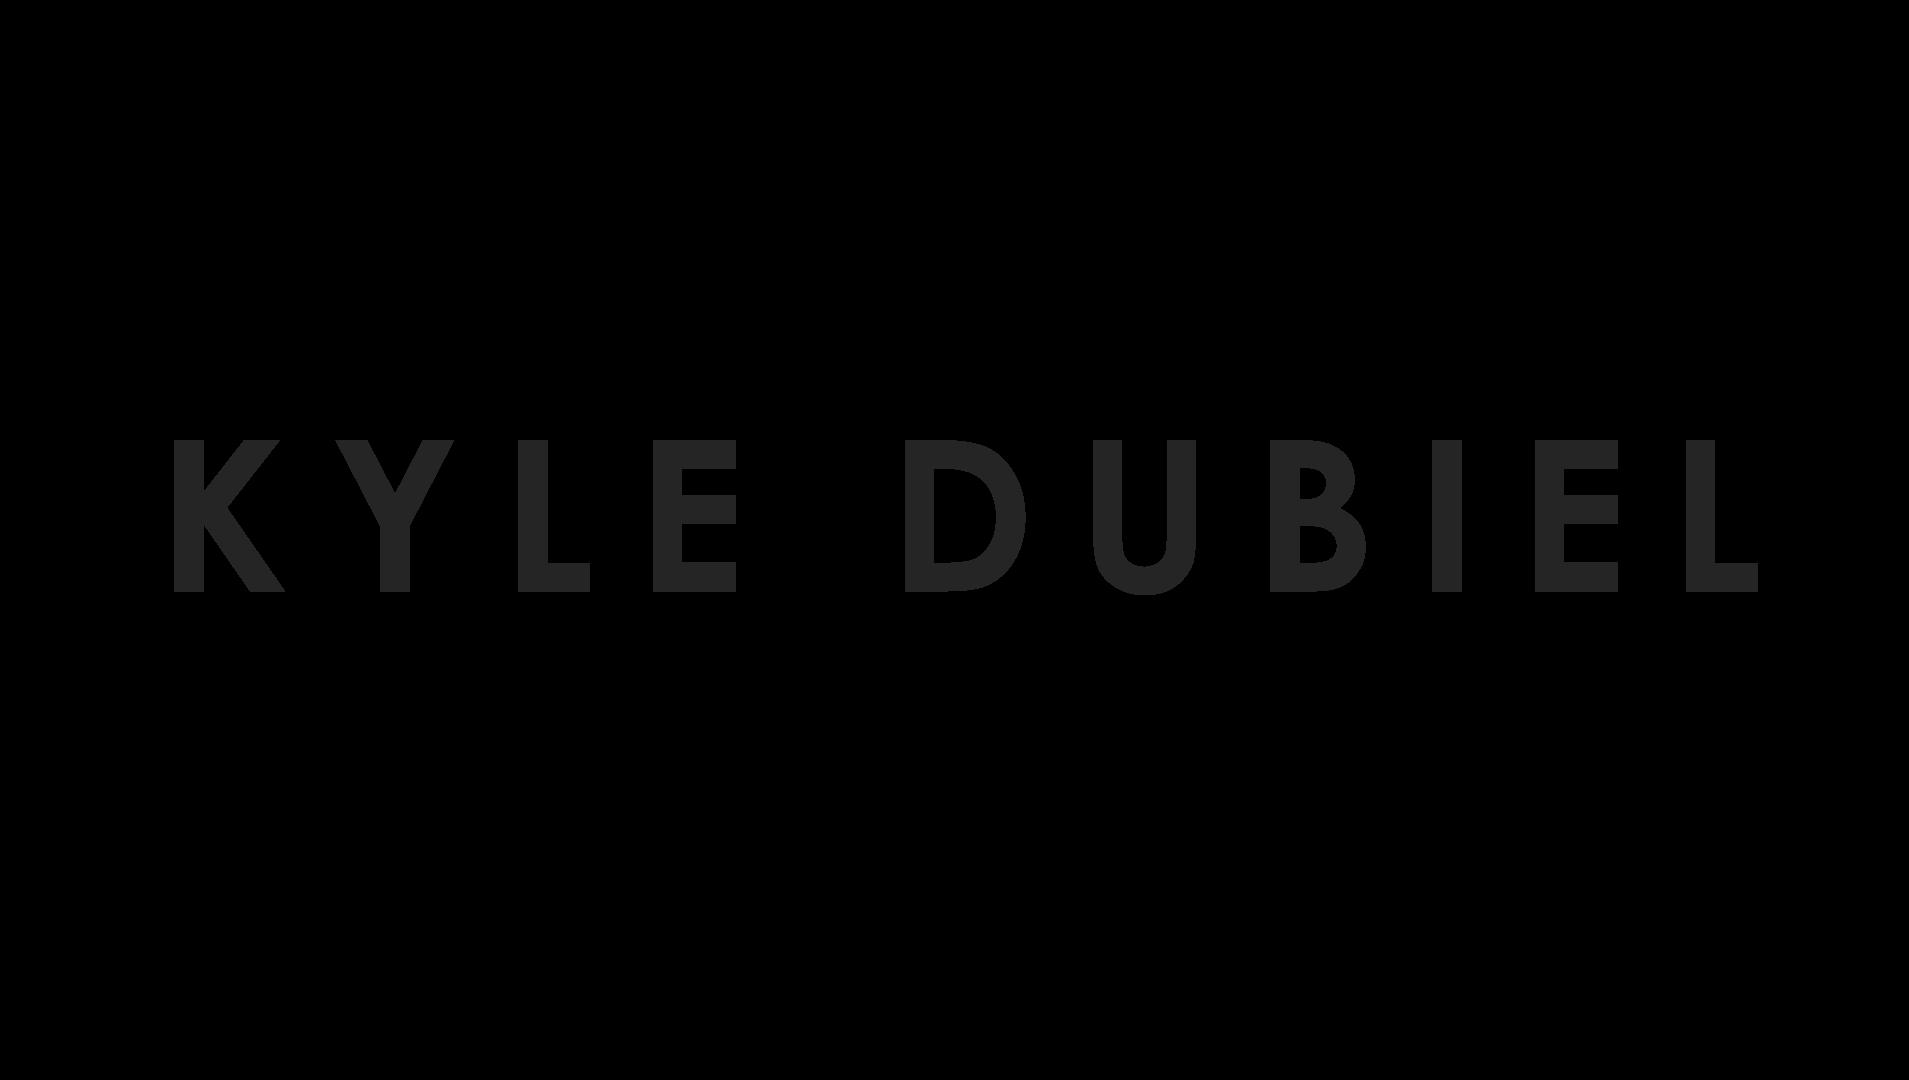 Kyle Dubiel